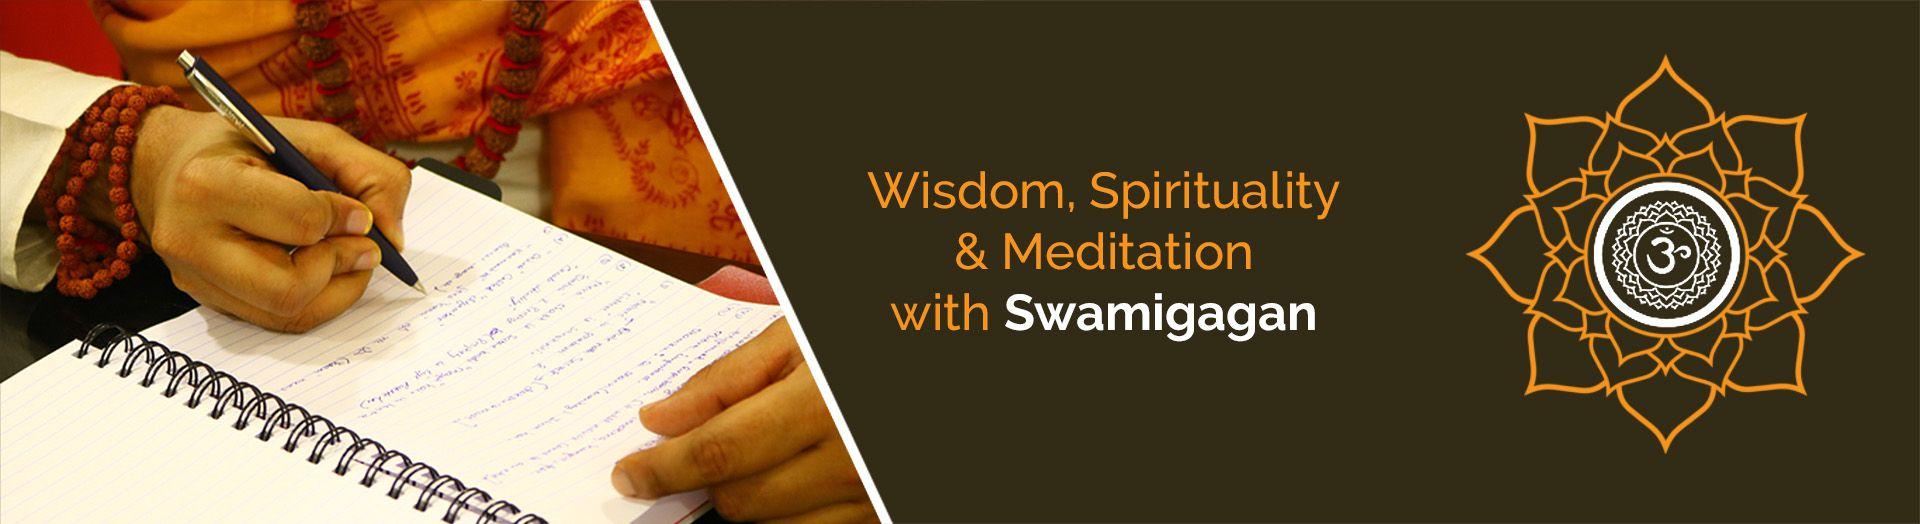 Swami Gagan Banner 2